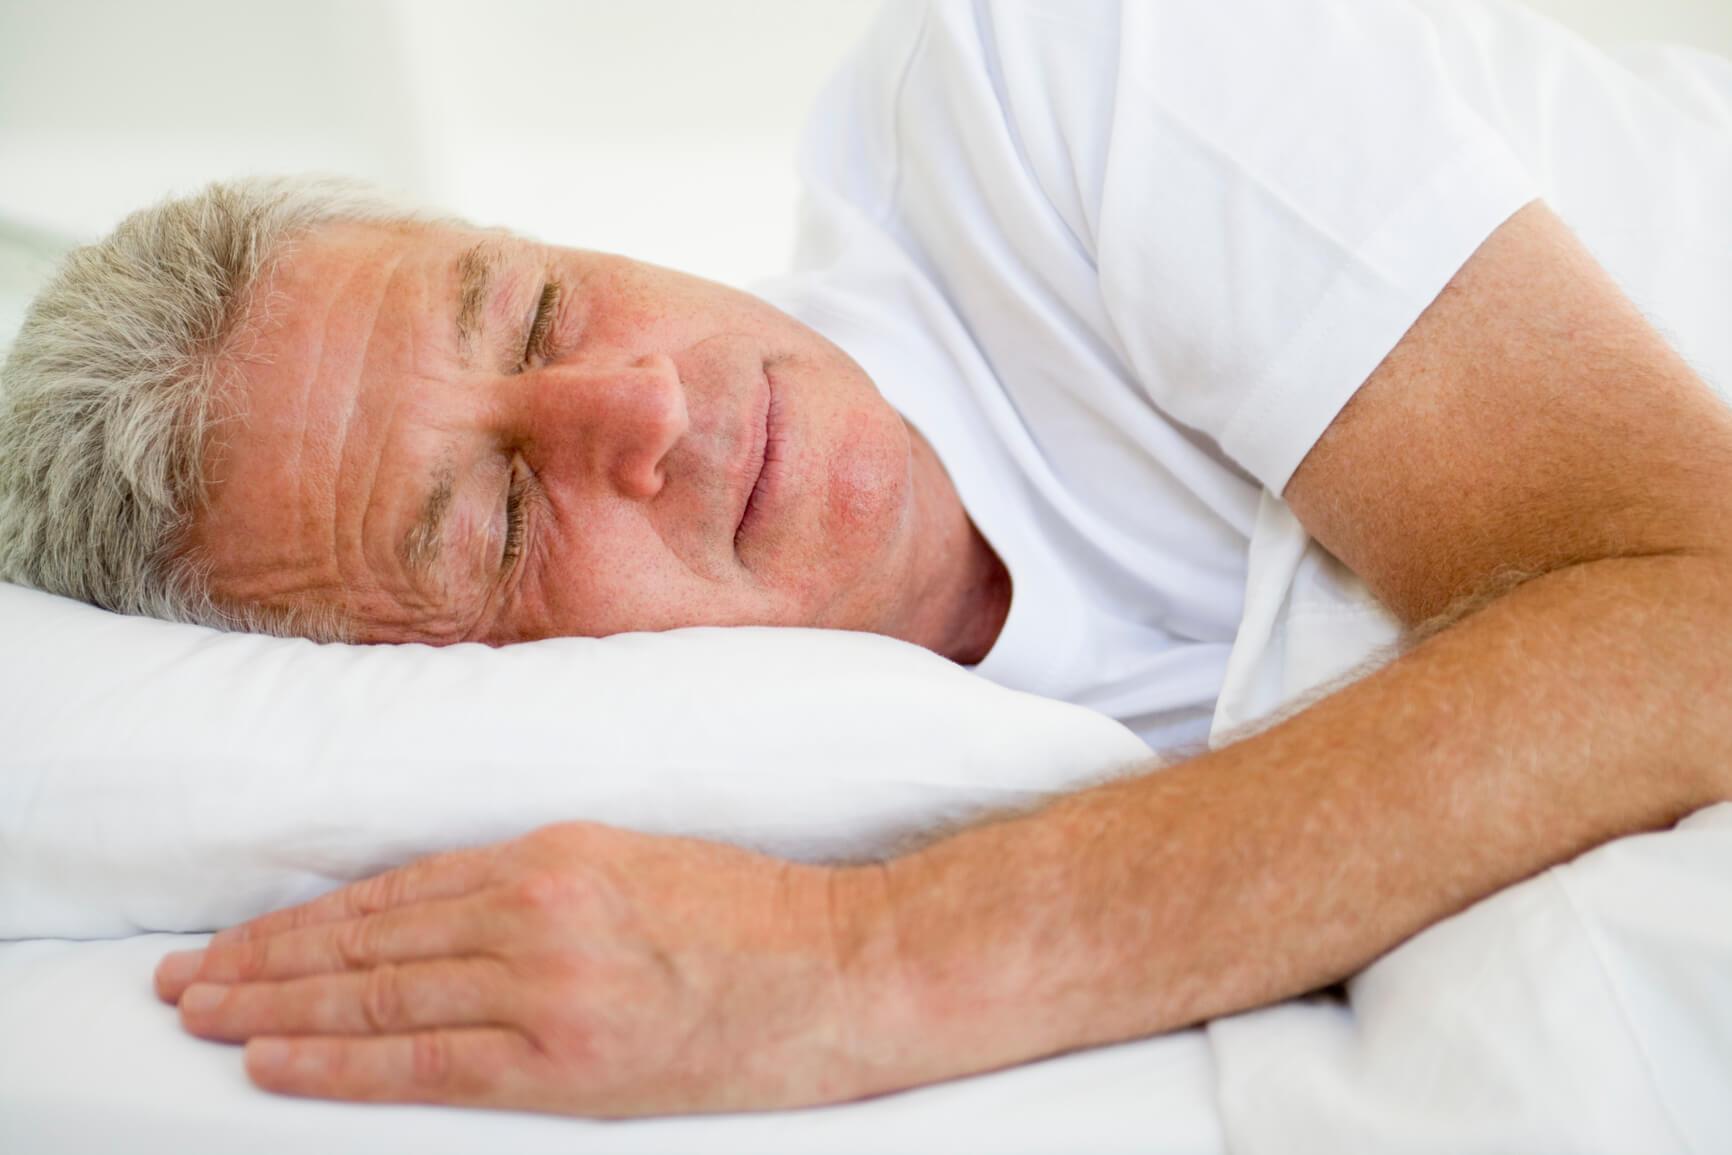 Спать на теплом при простатите